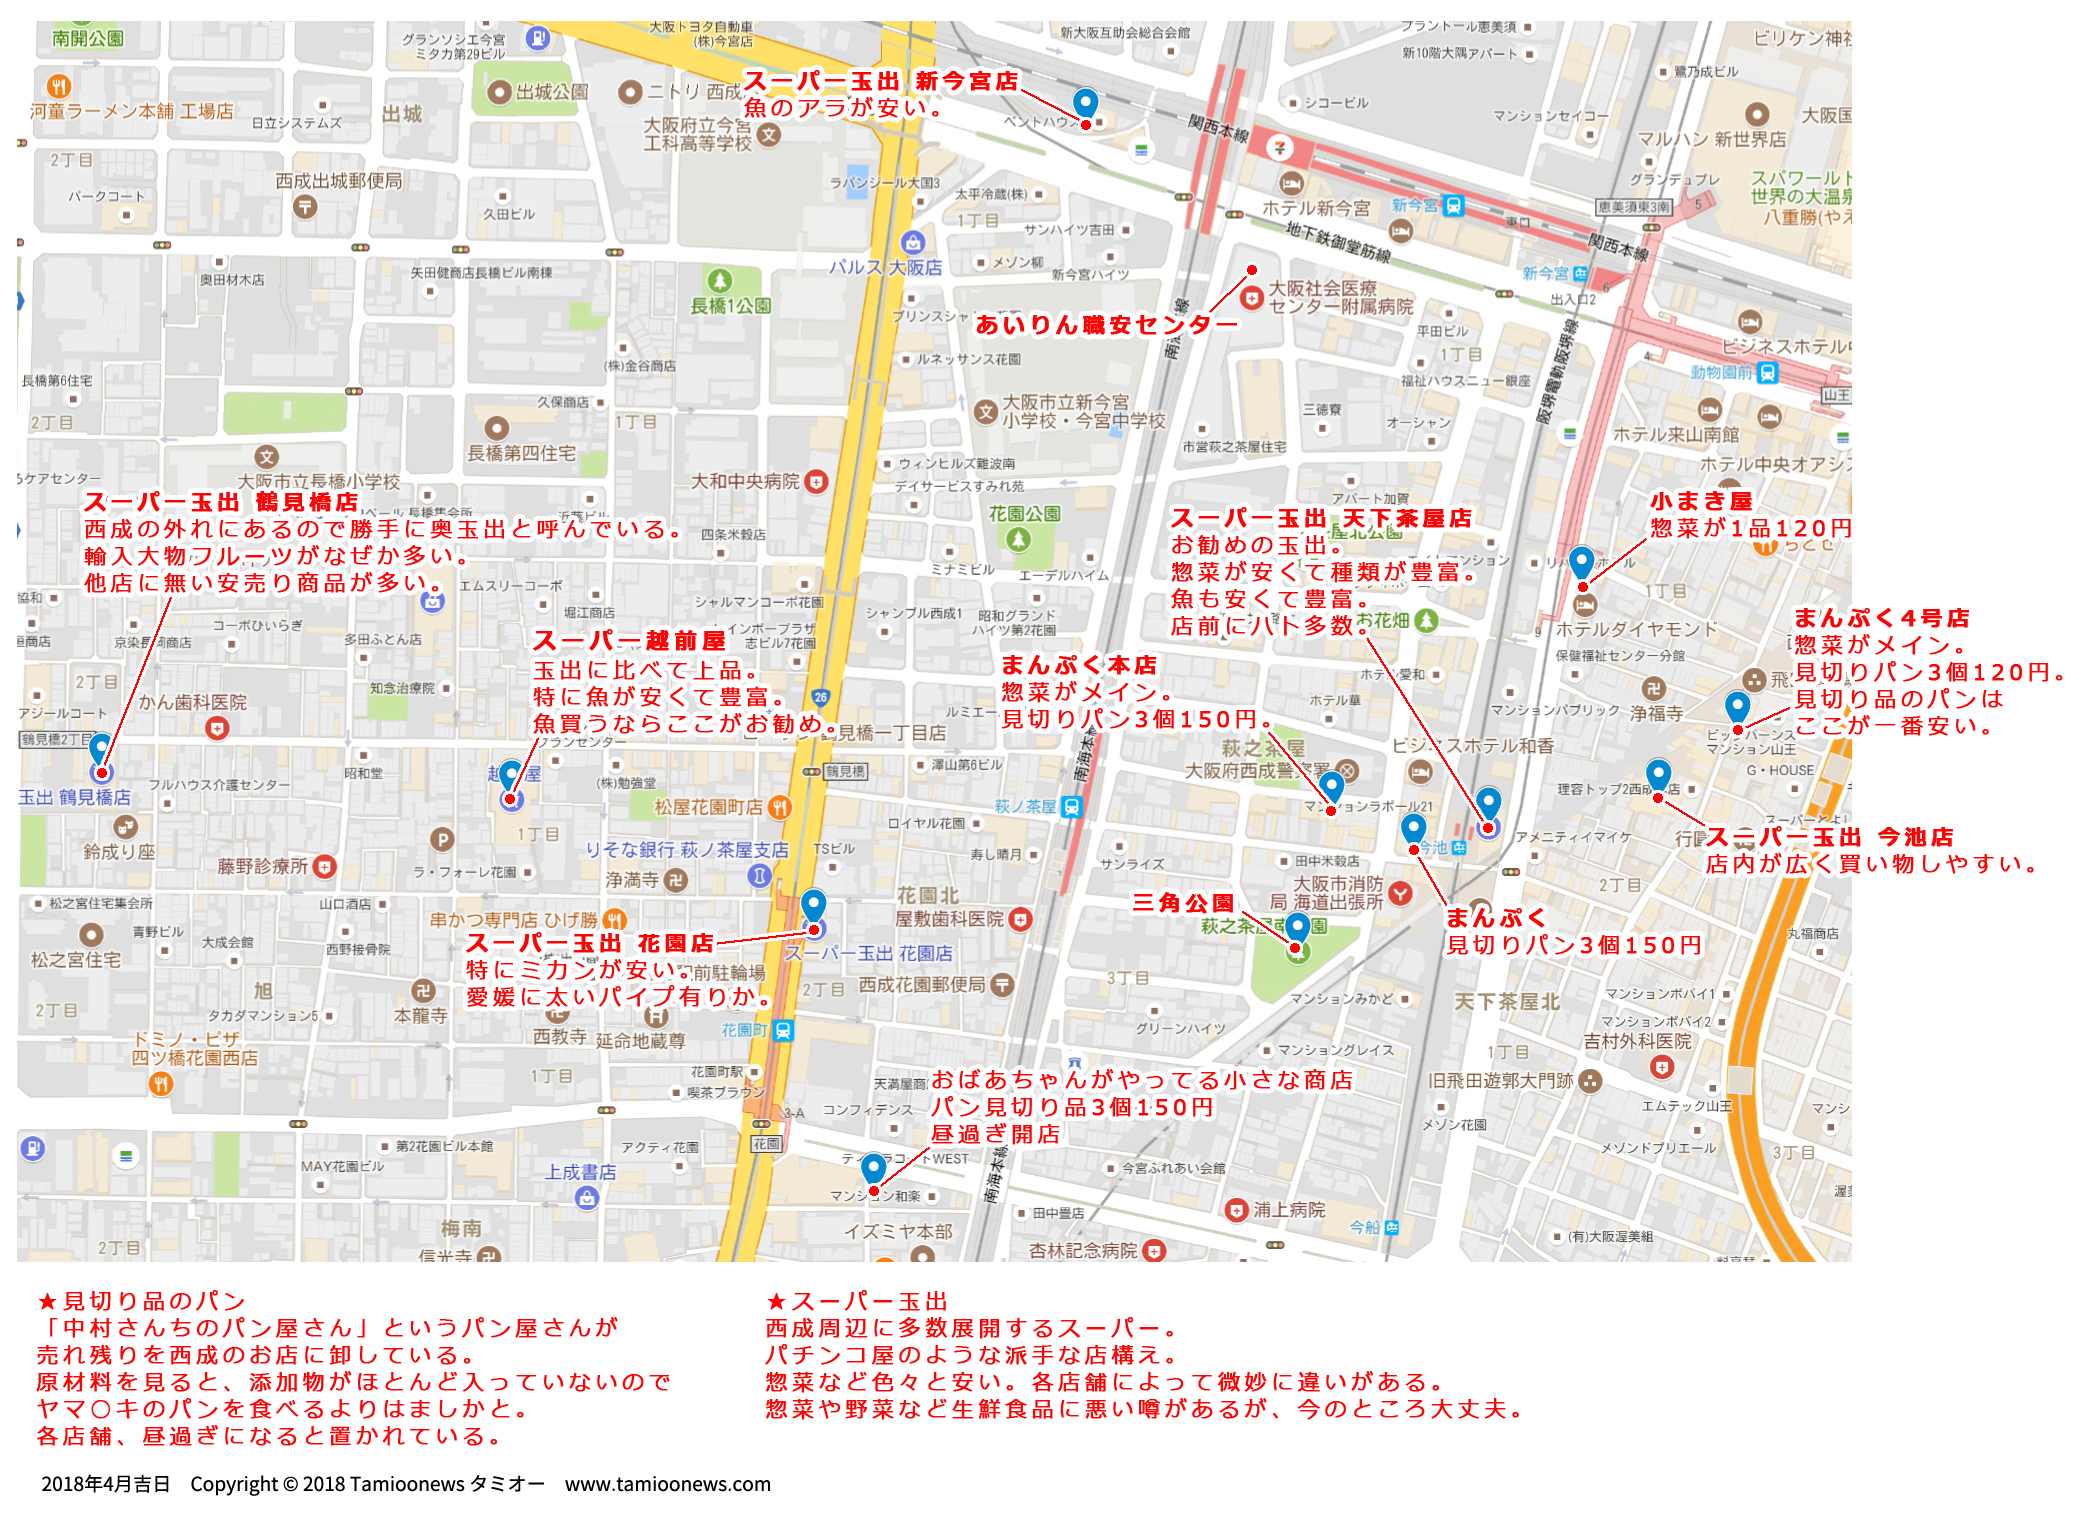 玉出マップ 2018年度版 @大阪 西成